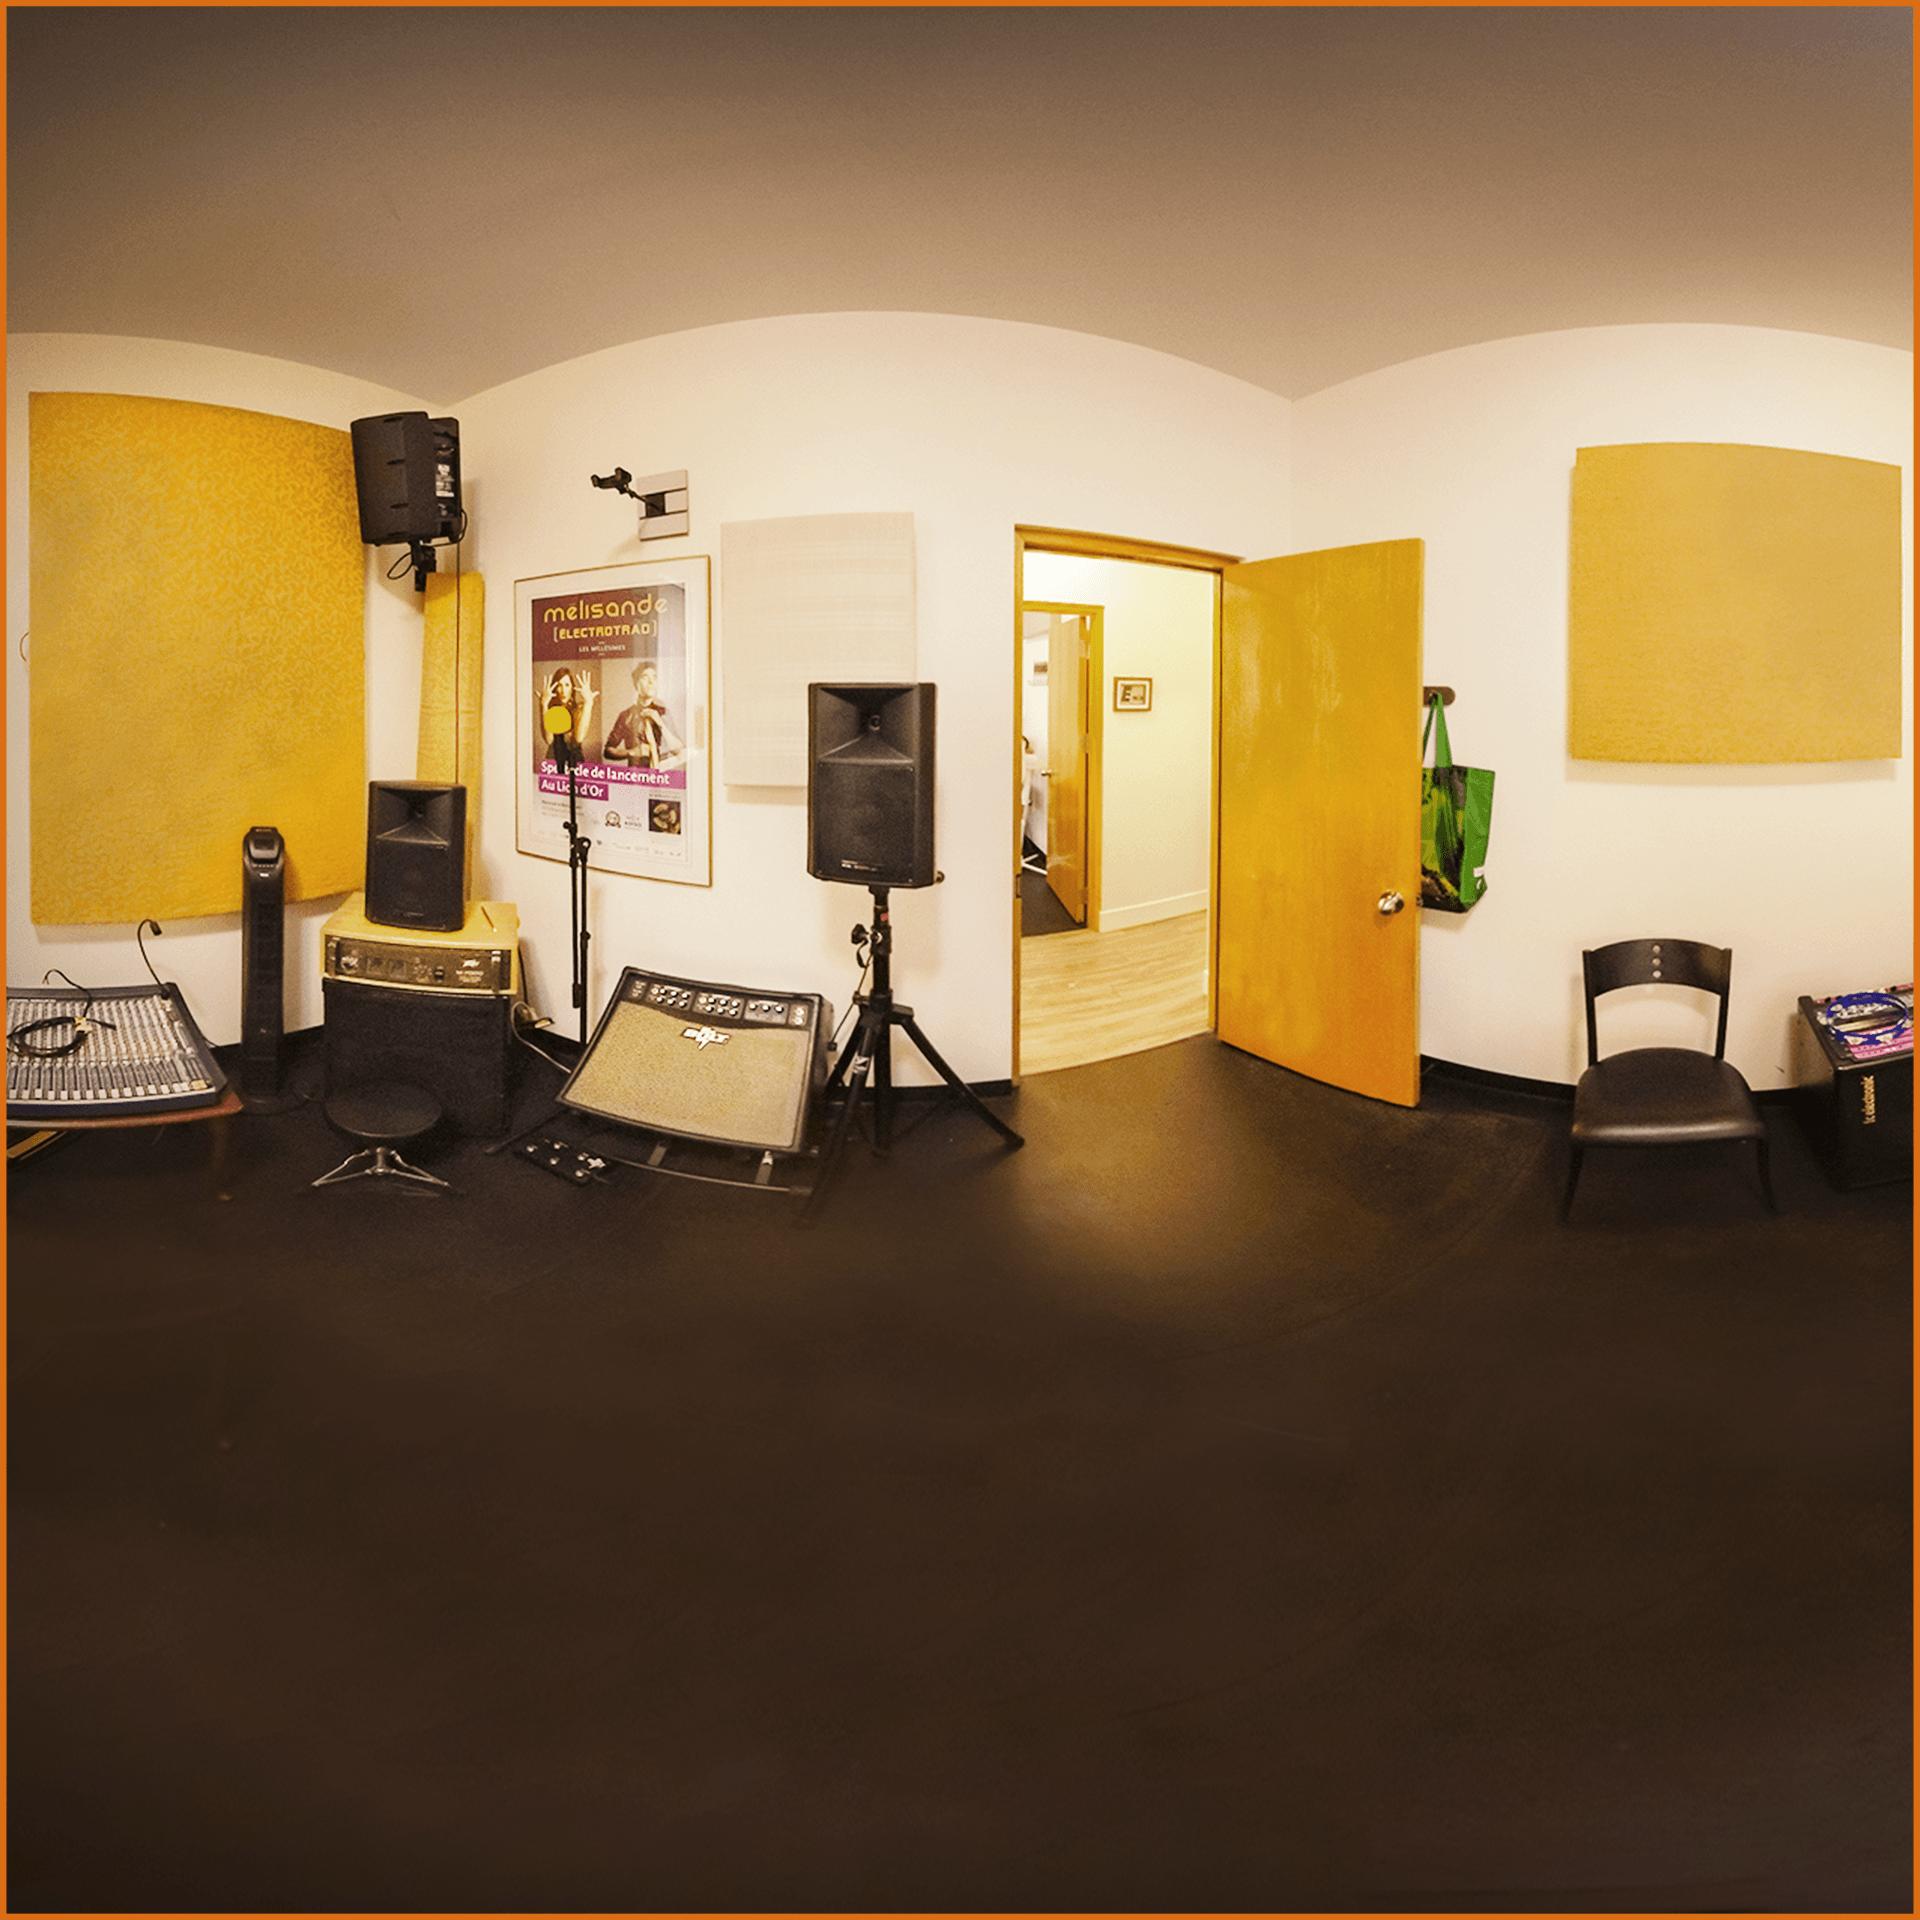 Studio Fmaj7 pour 5 musiciens tout équipé avec deux amplificateur de guitare, un amplificateur de basse, une batterie Pearl, Clavier Roland 76 touches, deux microphones, une console et système de son